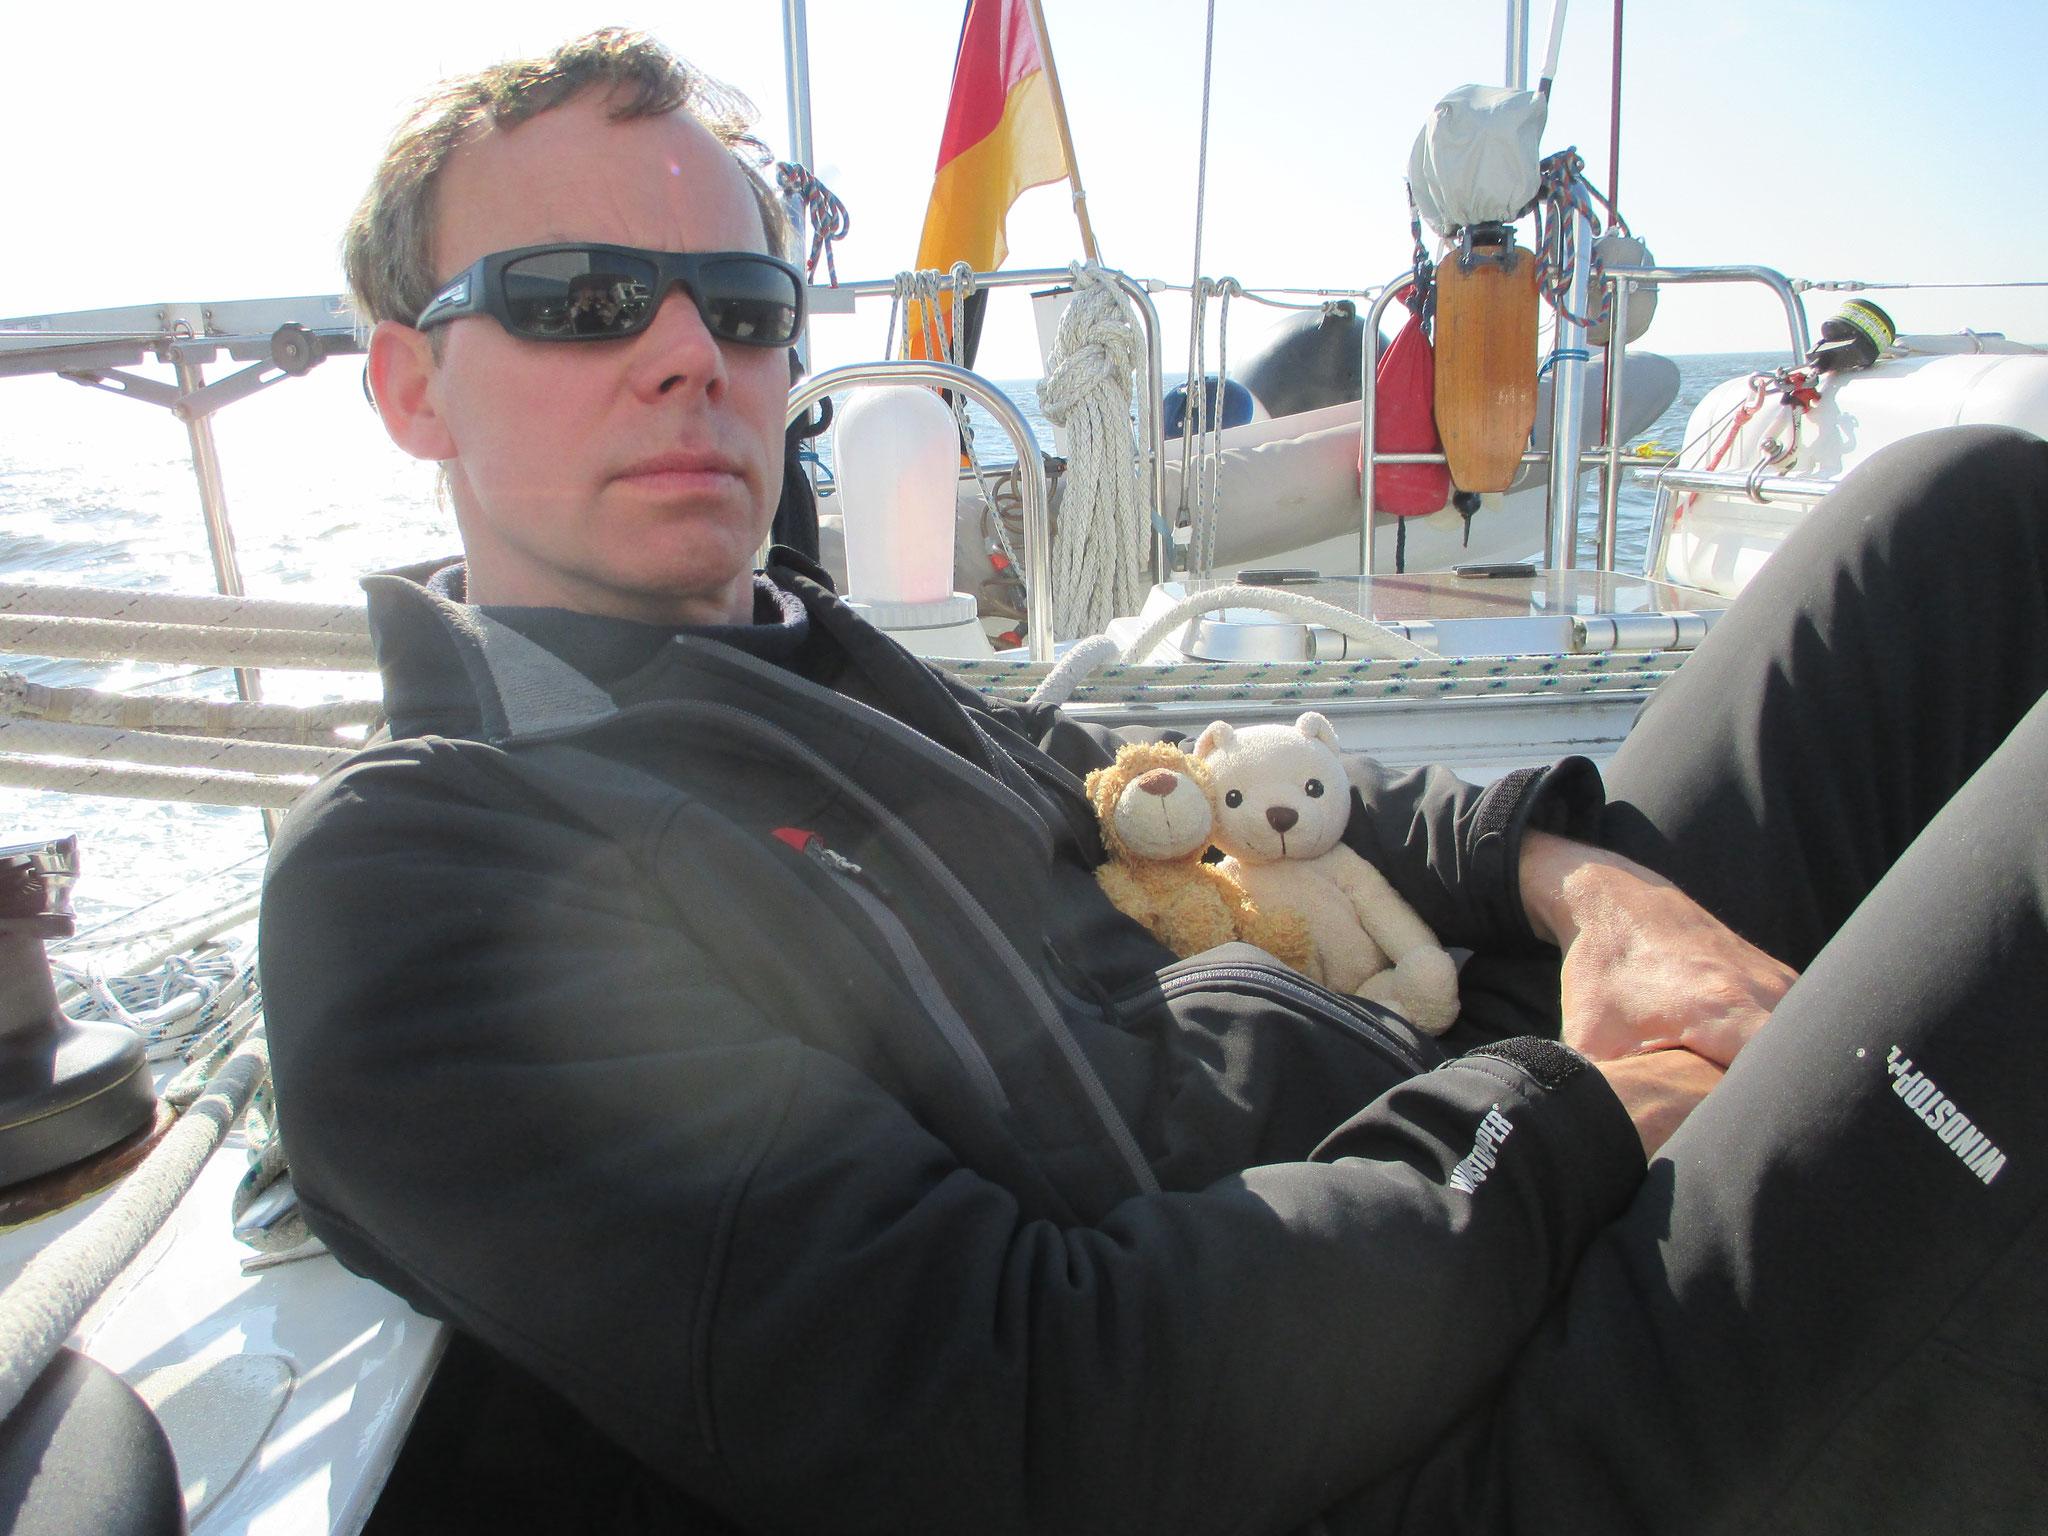 Der Reise-Bär und Teddy fühlen sich wohl